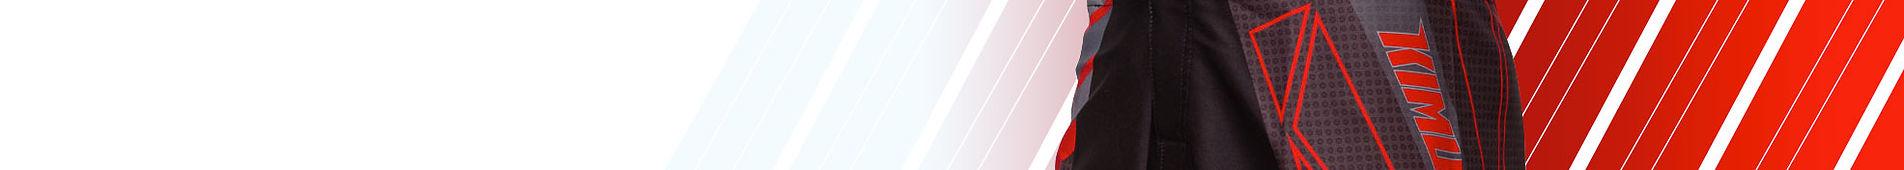 Board-Shorts-Banner.jpg